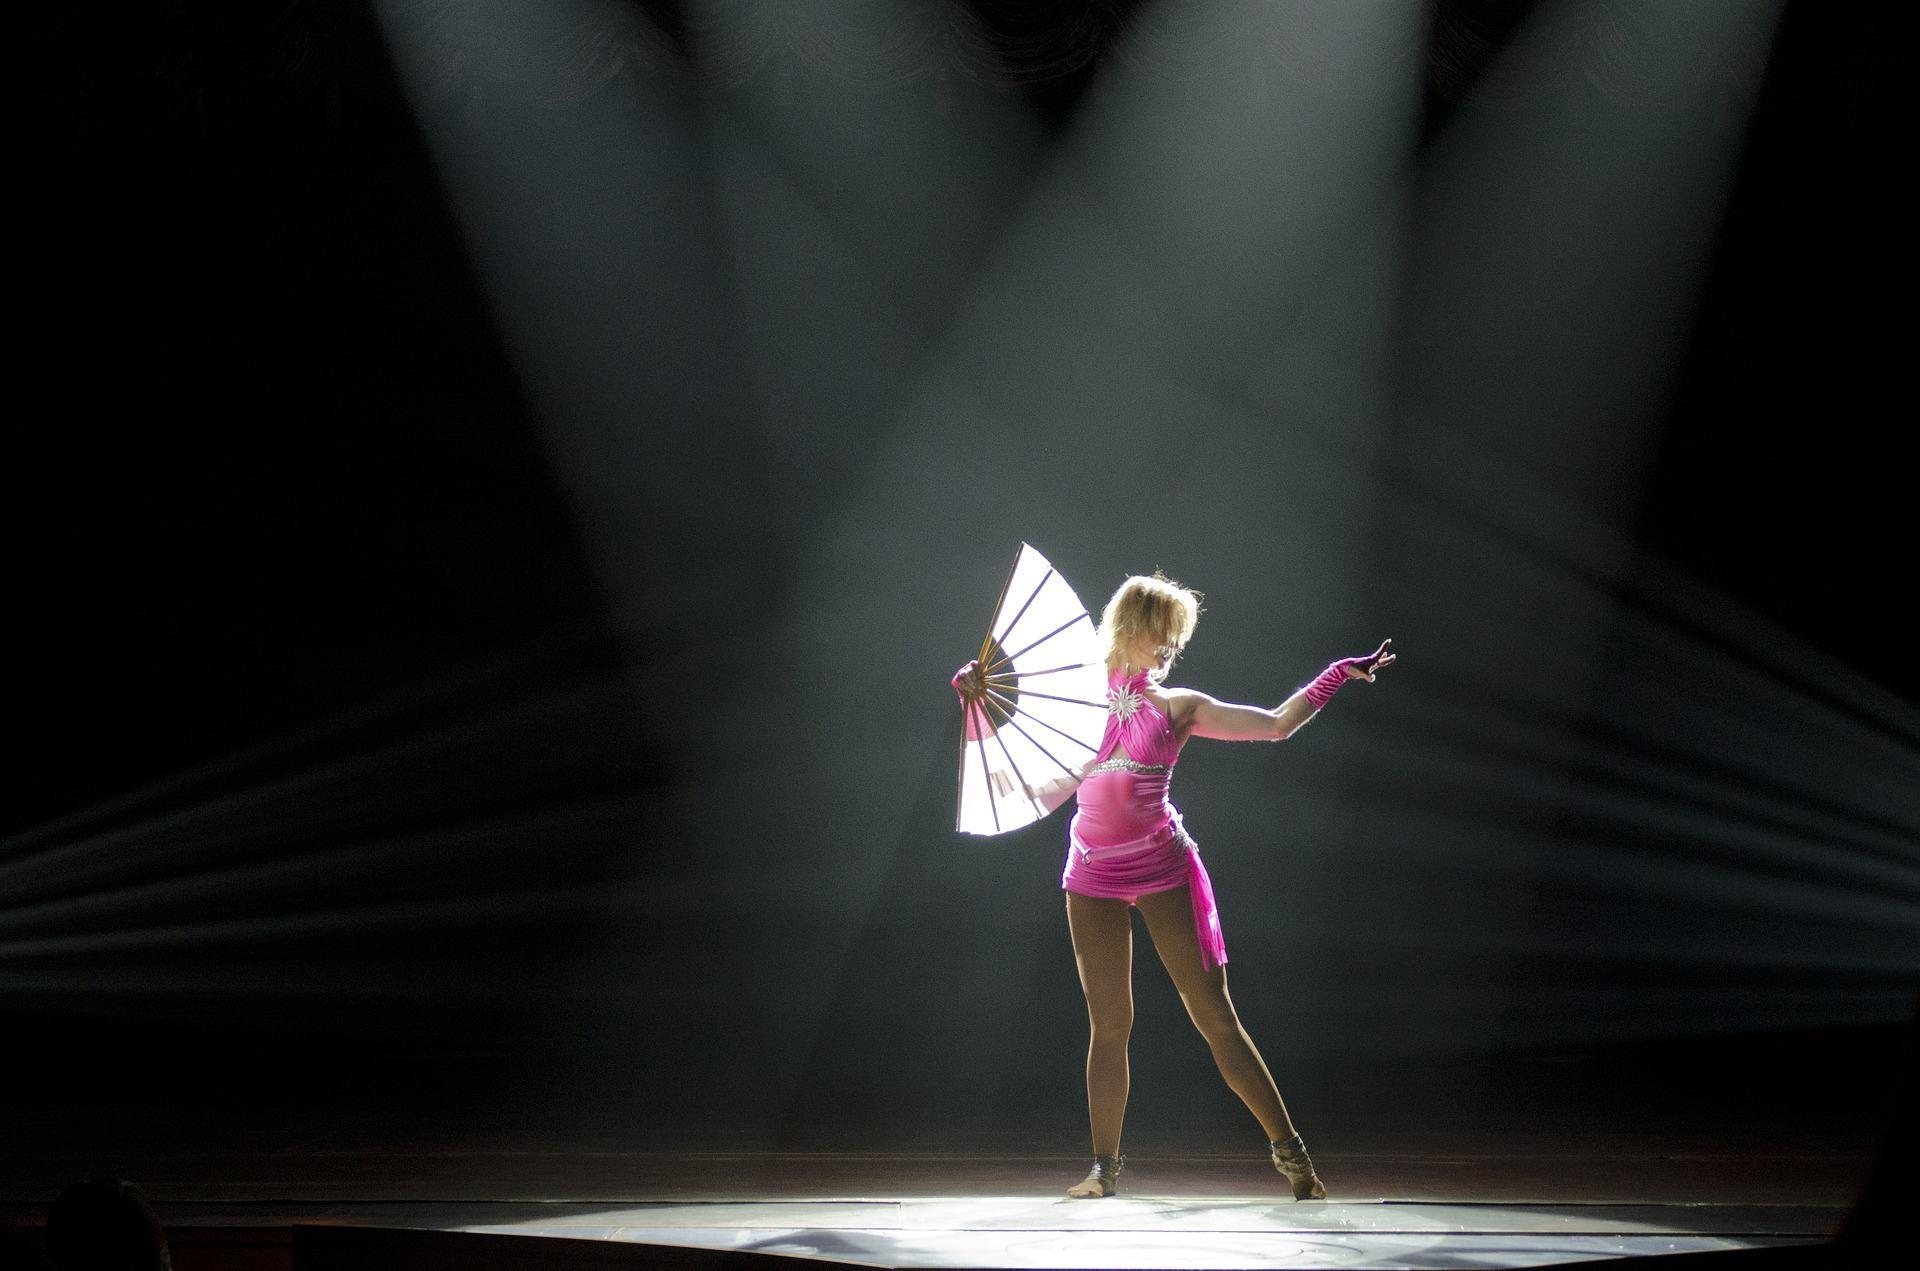 Danseuse dans un spectacle de cirque